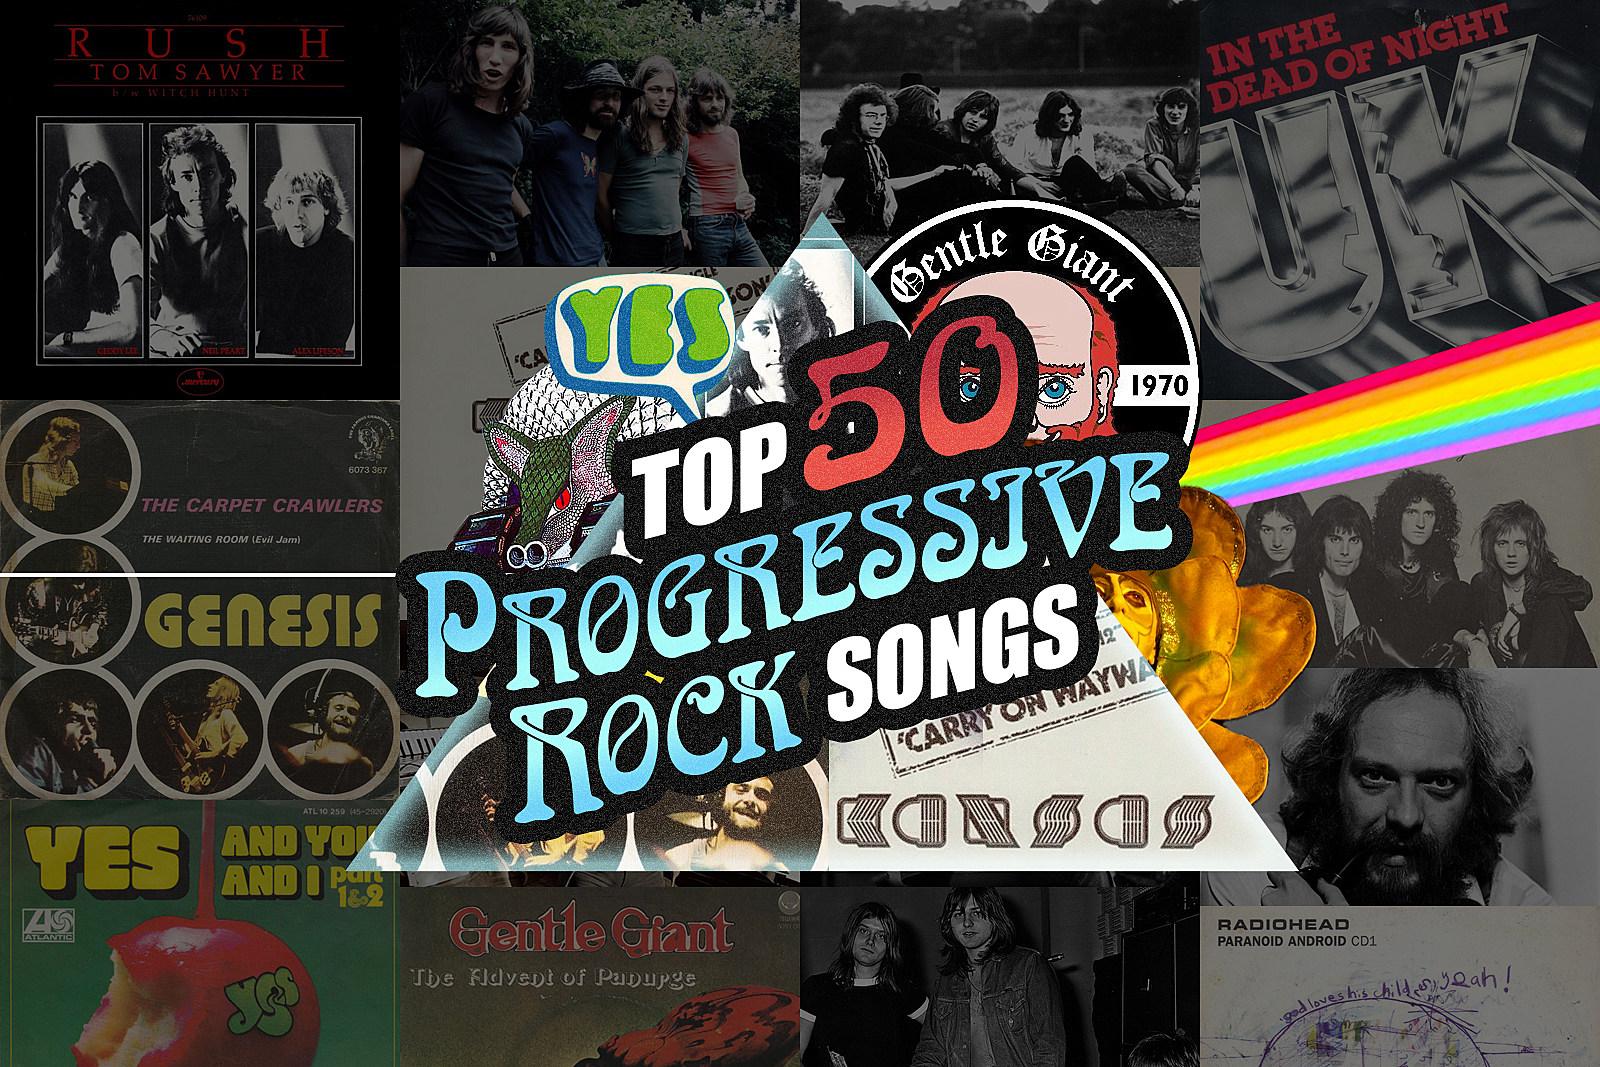 Top 50 Progressive Rock Songs